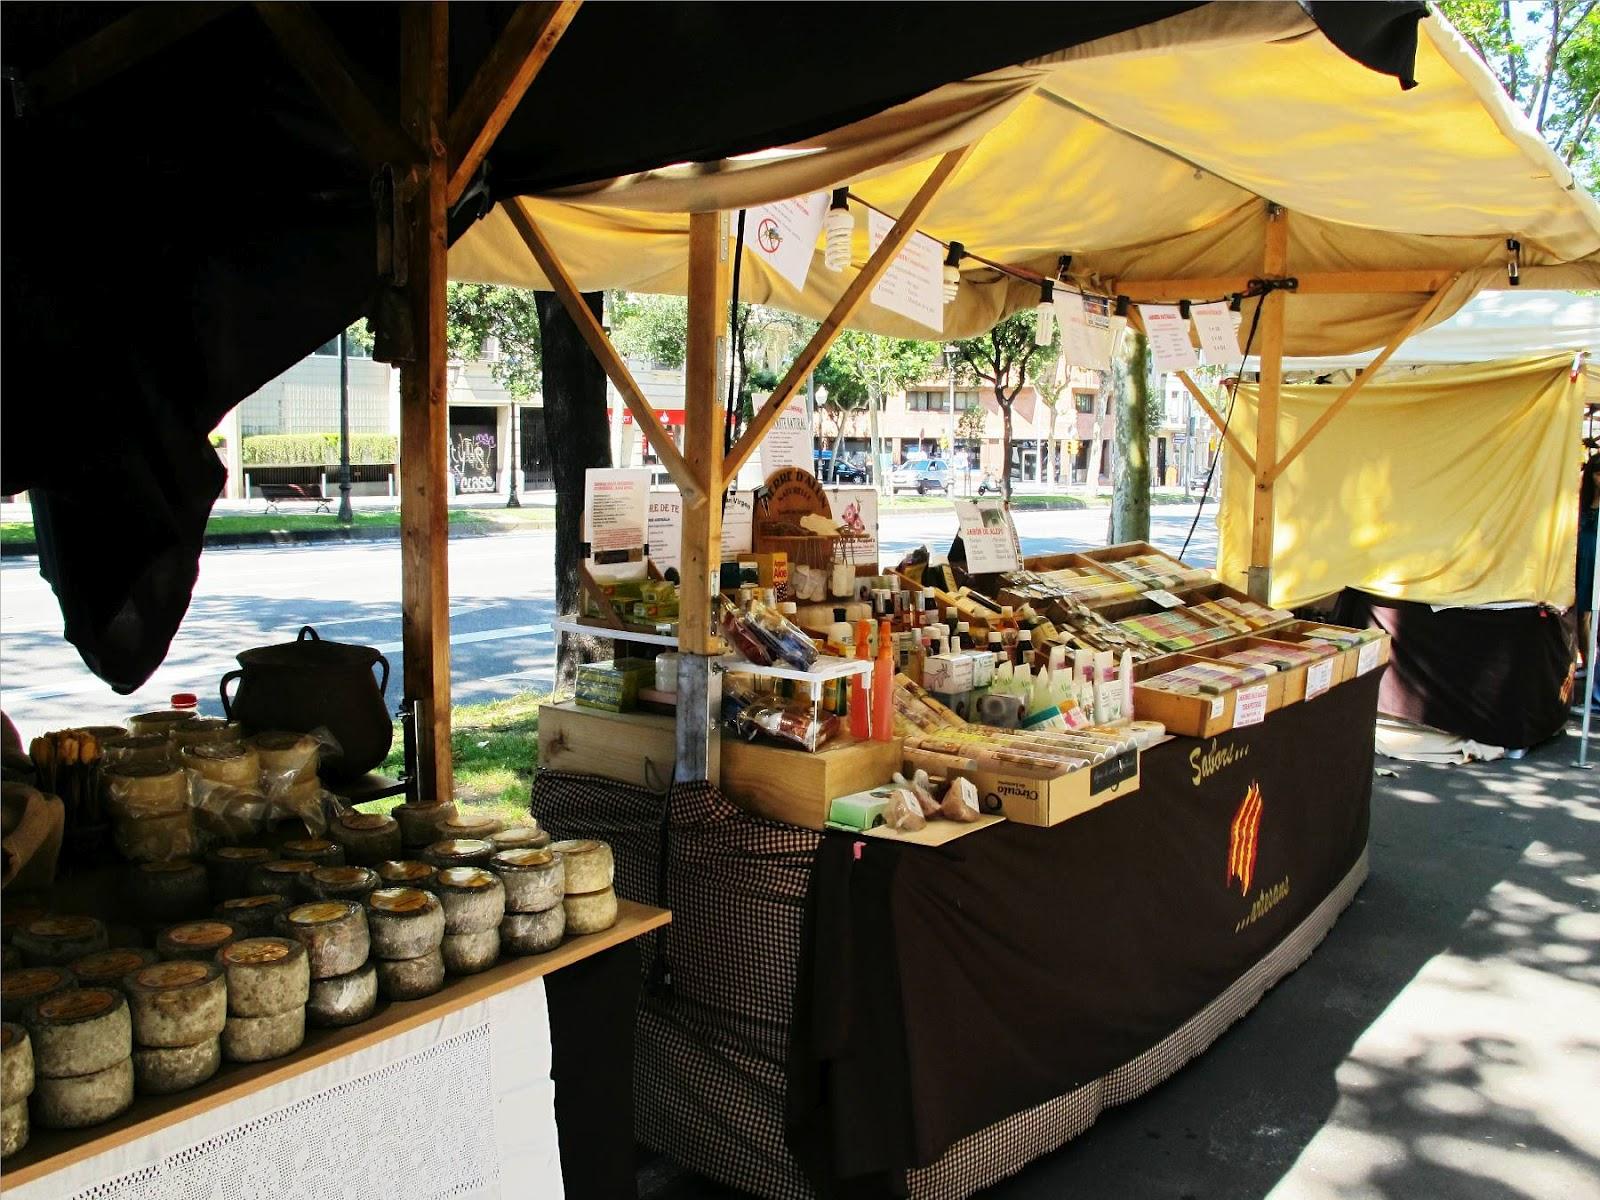 Feria del modernismo en terrassa diario de viaje barcelona gu a de eventos cultura y - Alquiler pisos en terrassa particulares ...